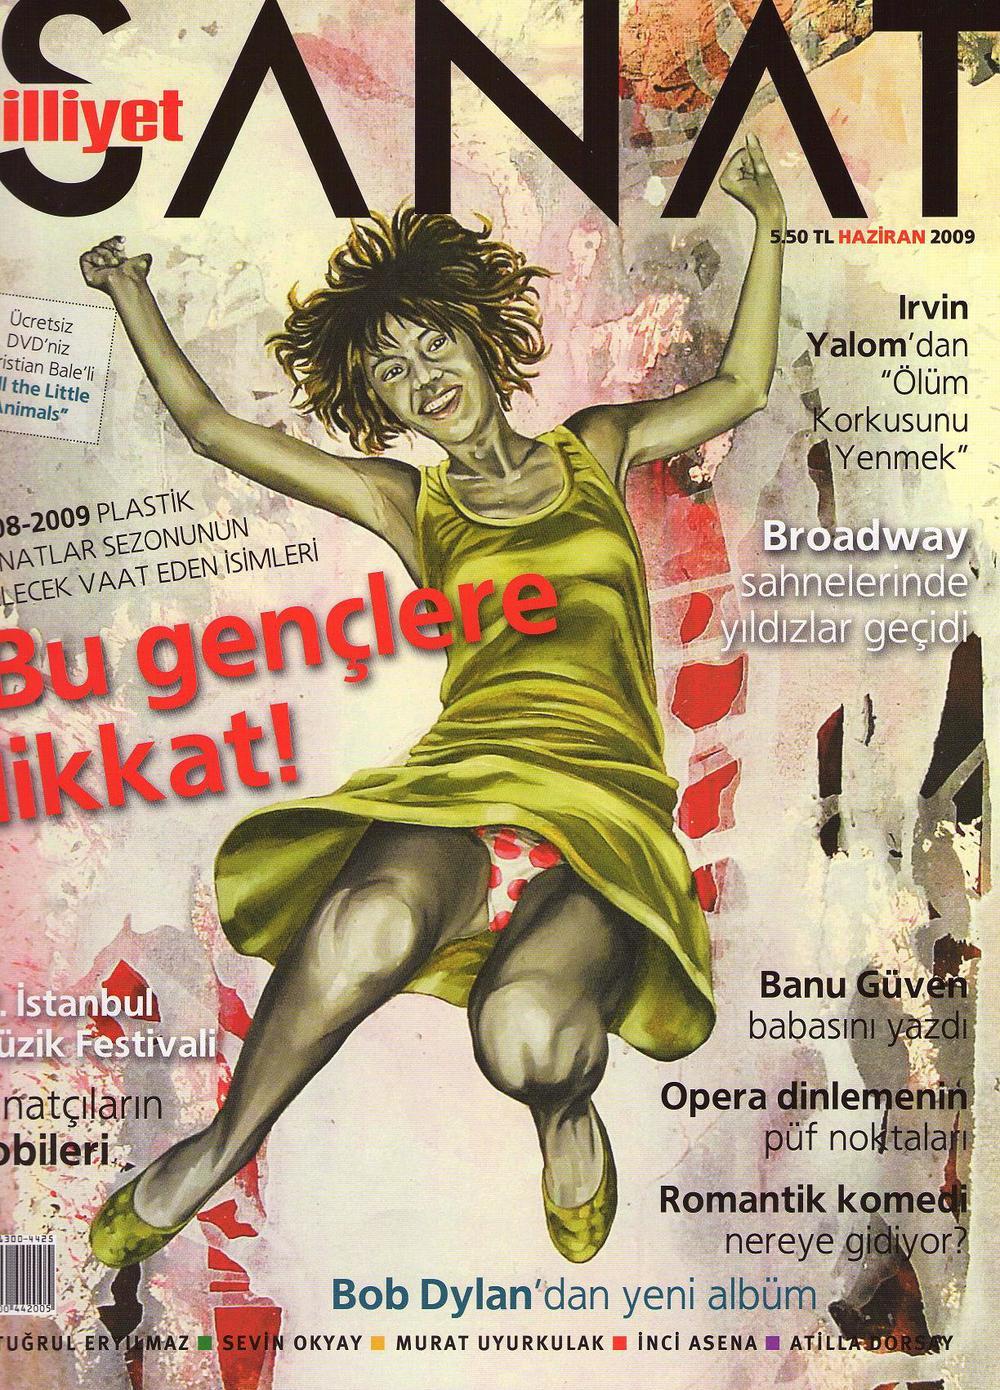 MİLLİYET_SANAT_06.09_kapak.jpg